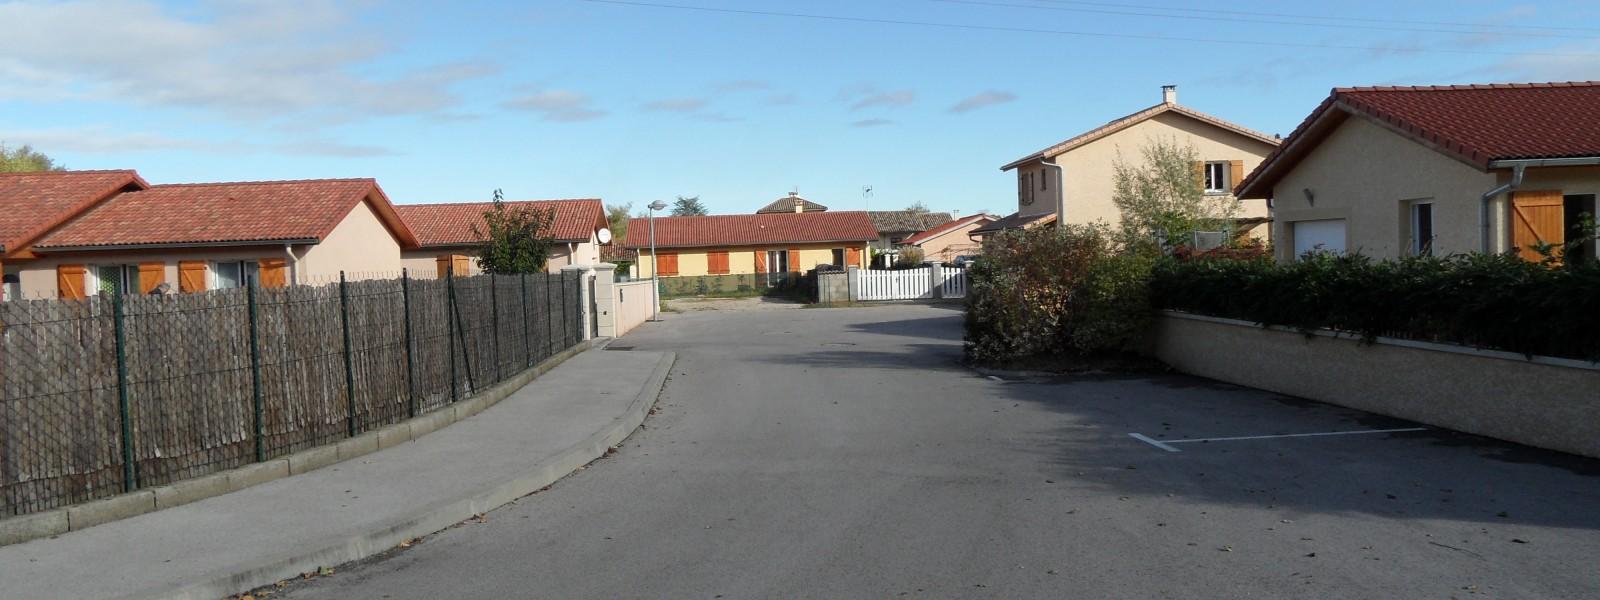 LA CARBONE 1 - Visuel 2 - Impact immobilier 01